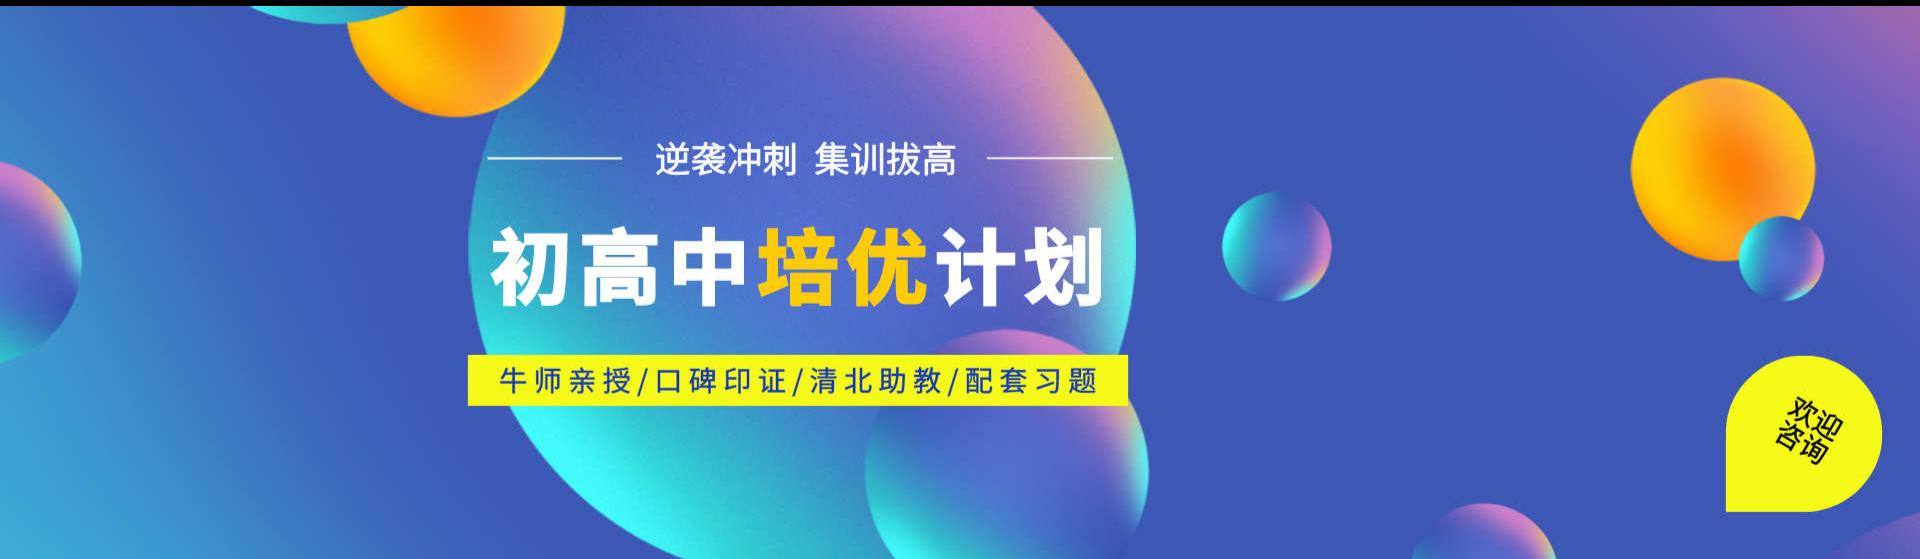 国产亚洲小视频线播放教育初高中培优辅导计划